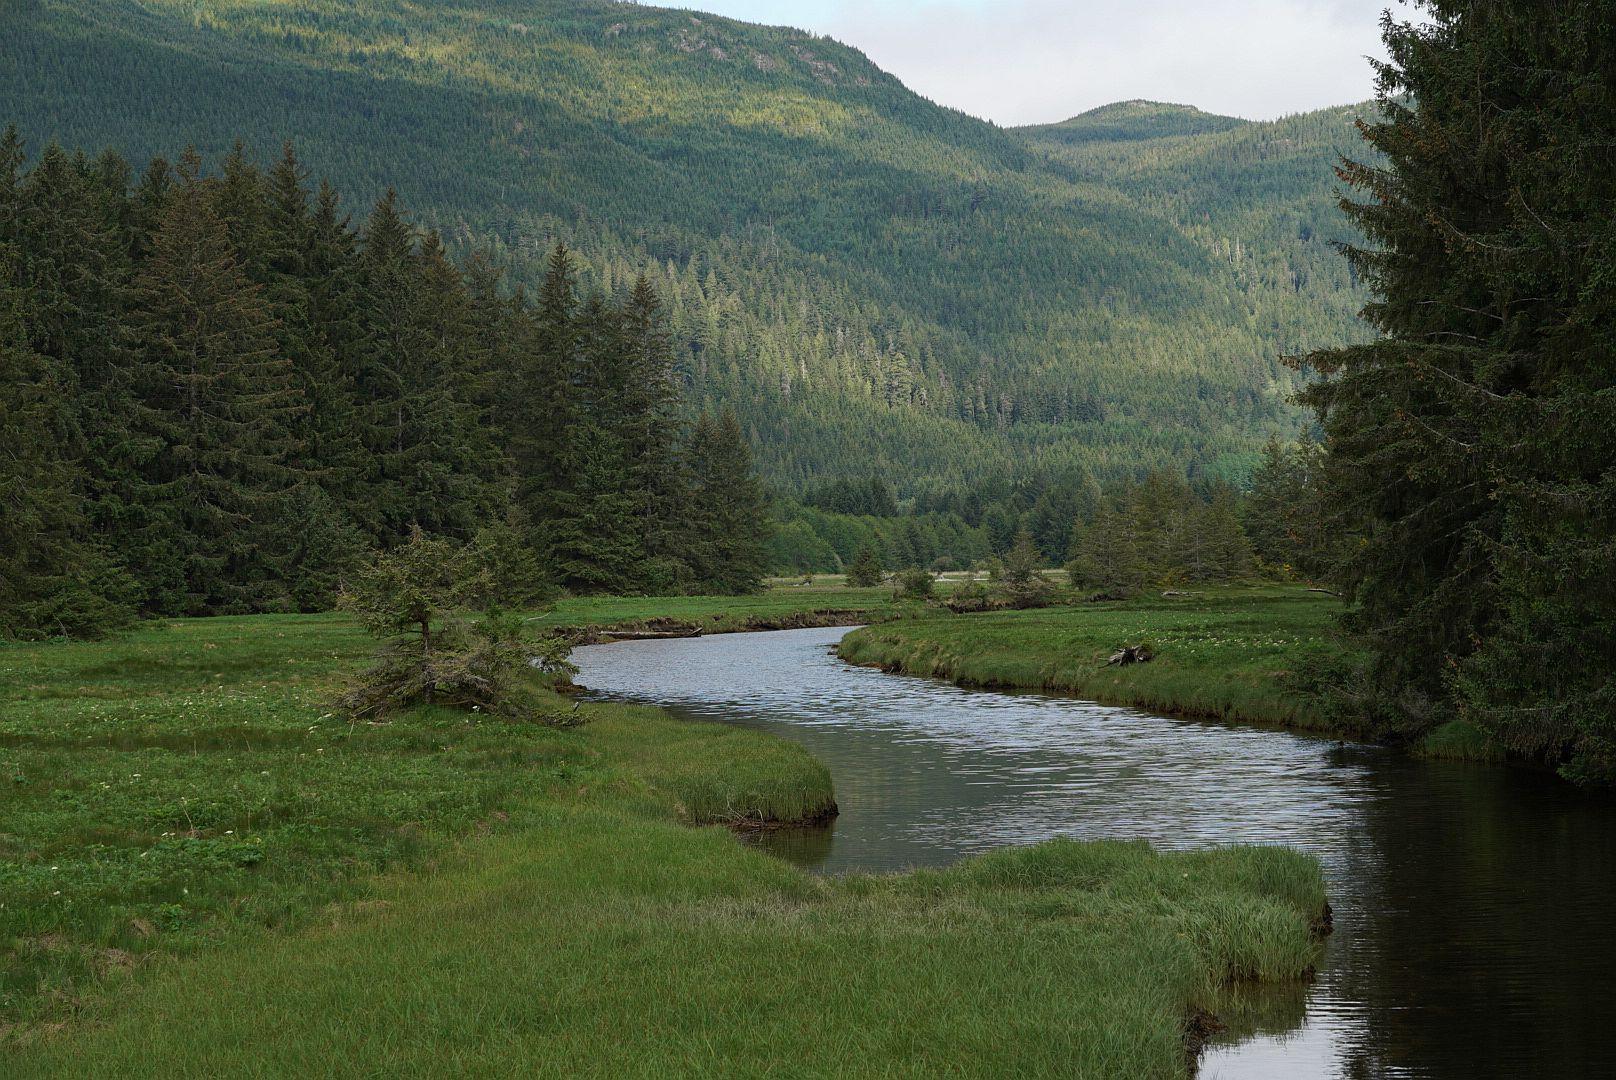 Berglöwen in Kanada